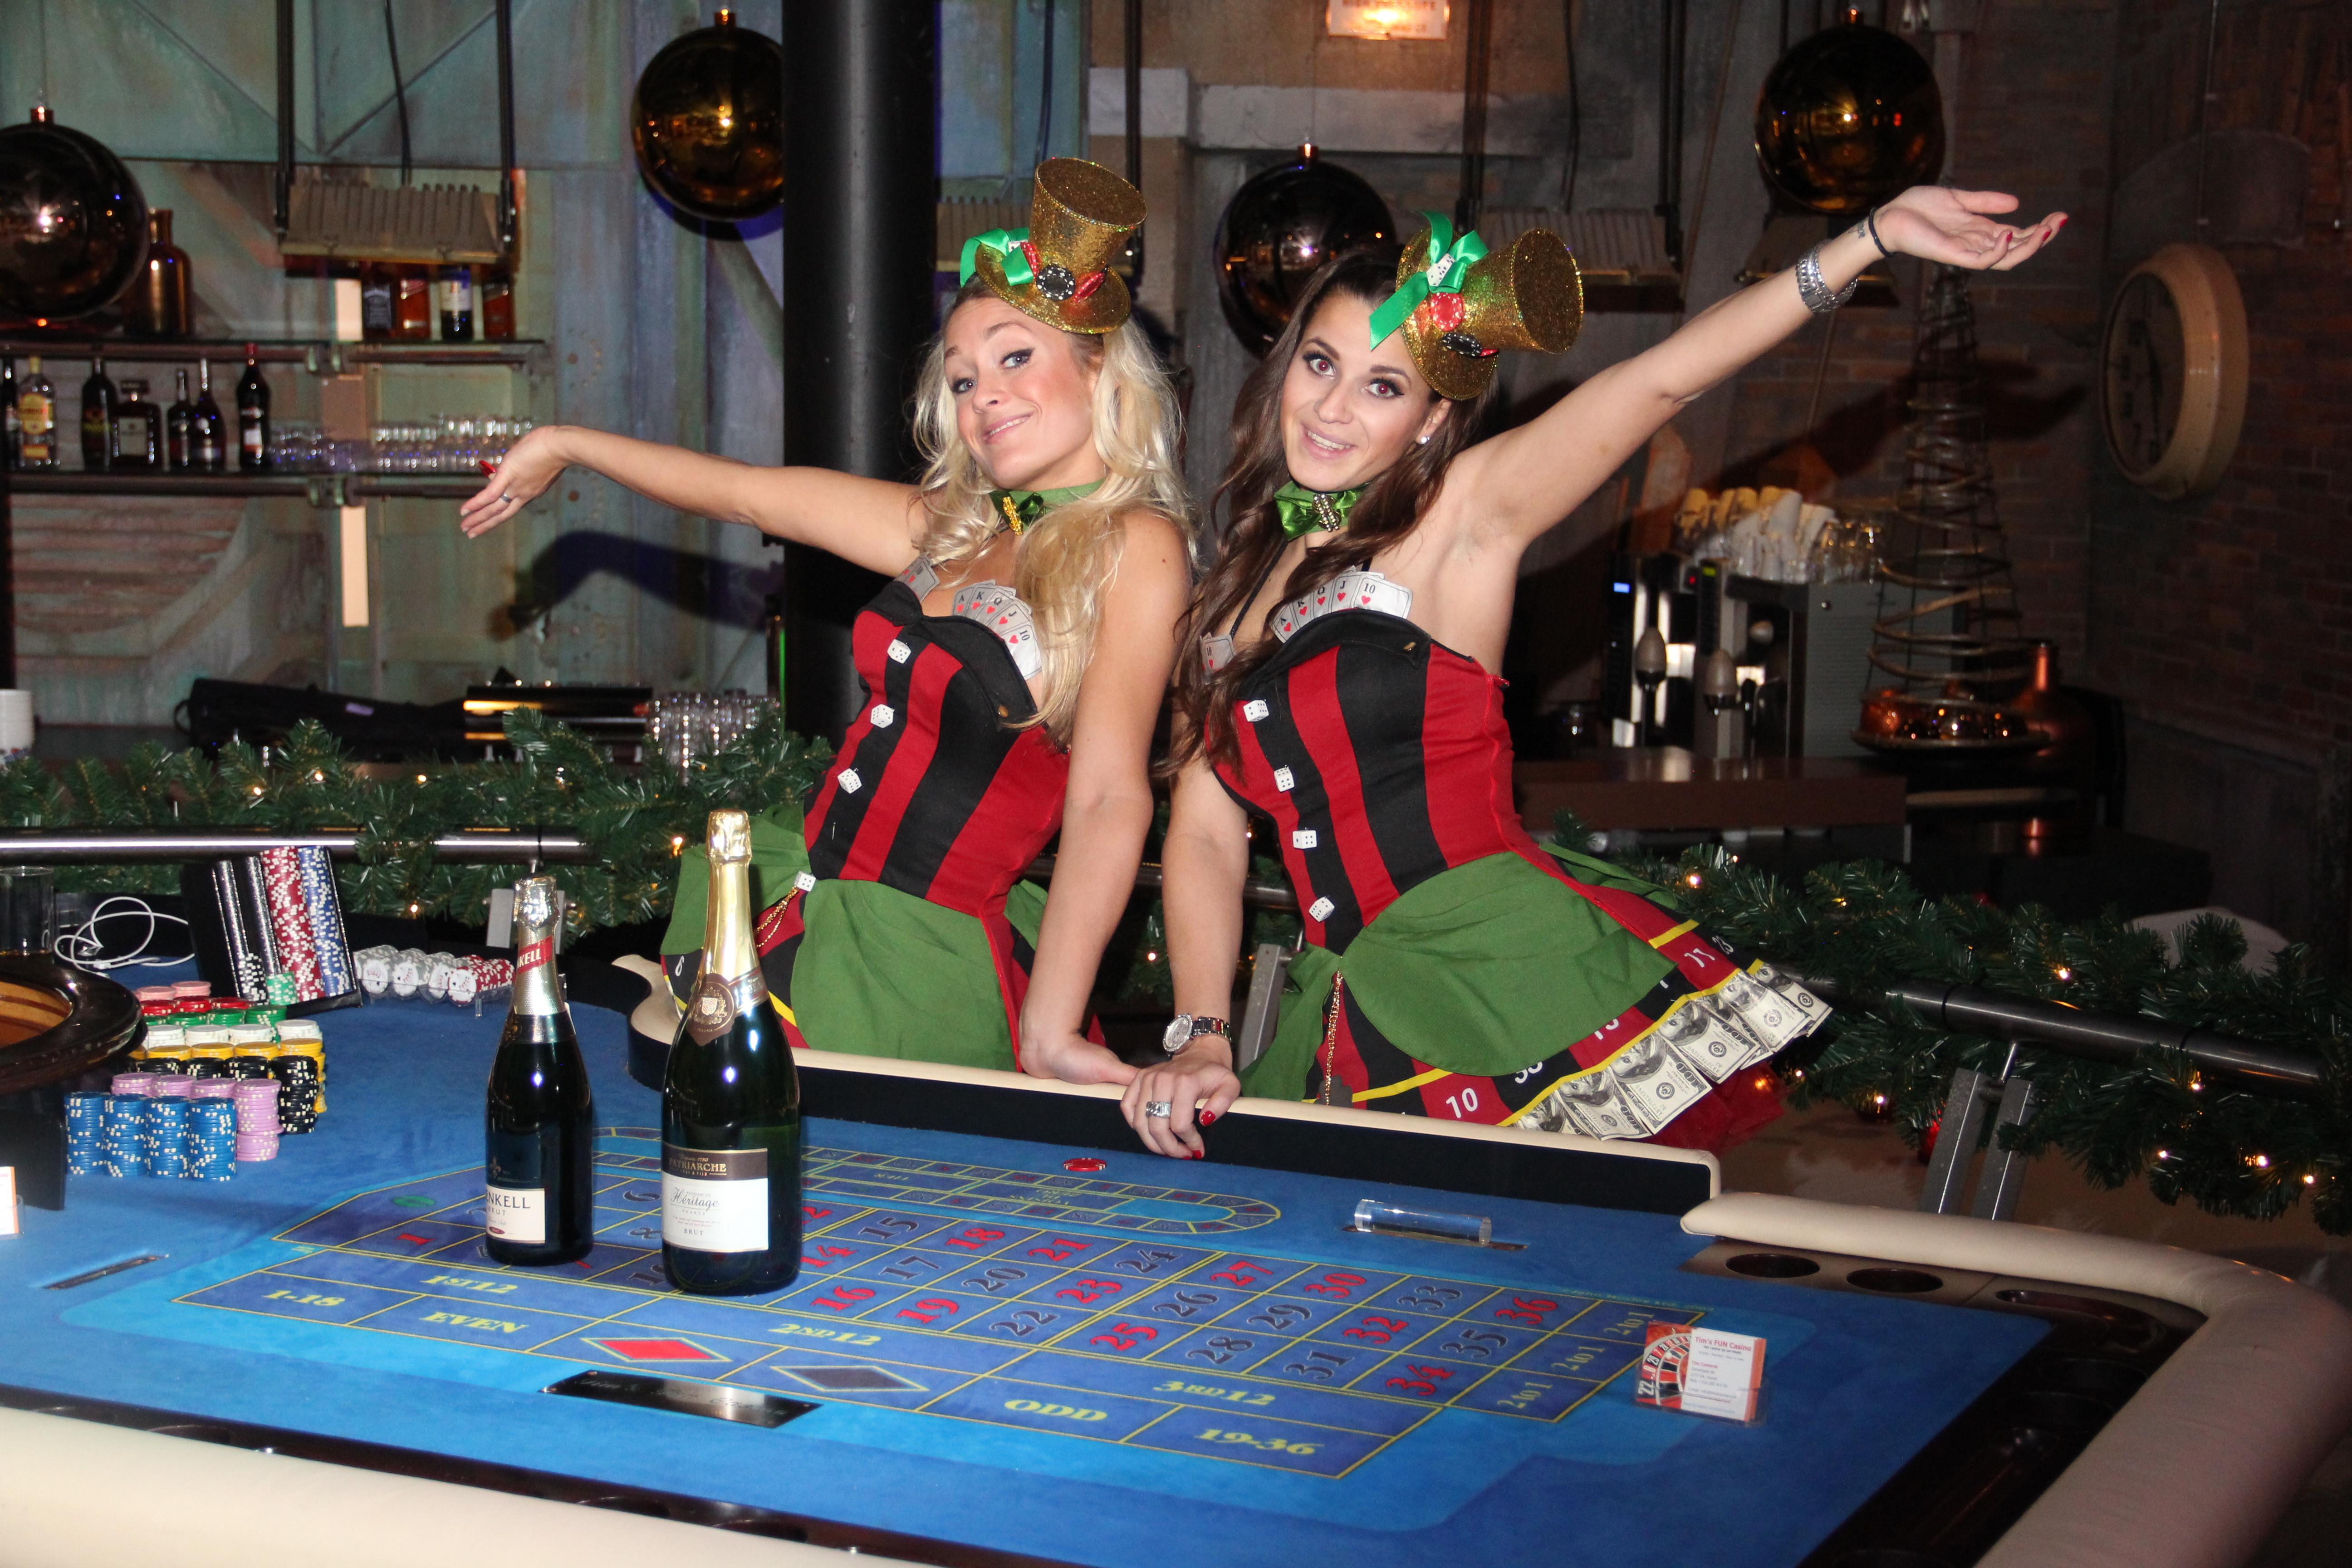 Maria casino mobilen